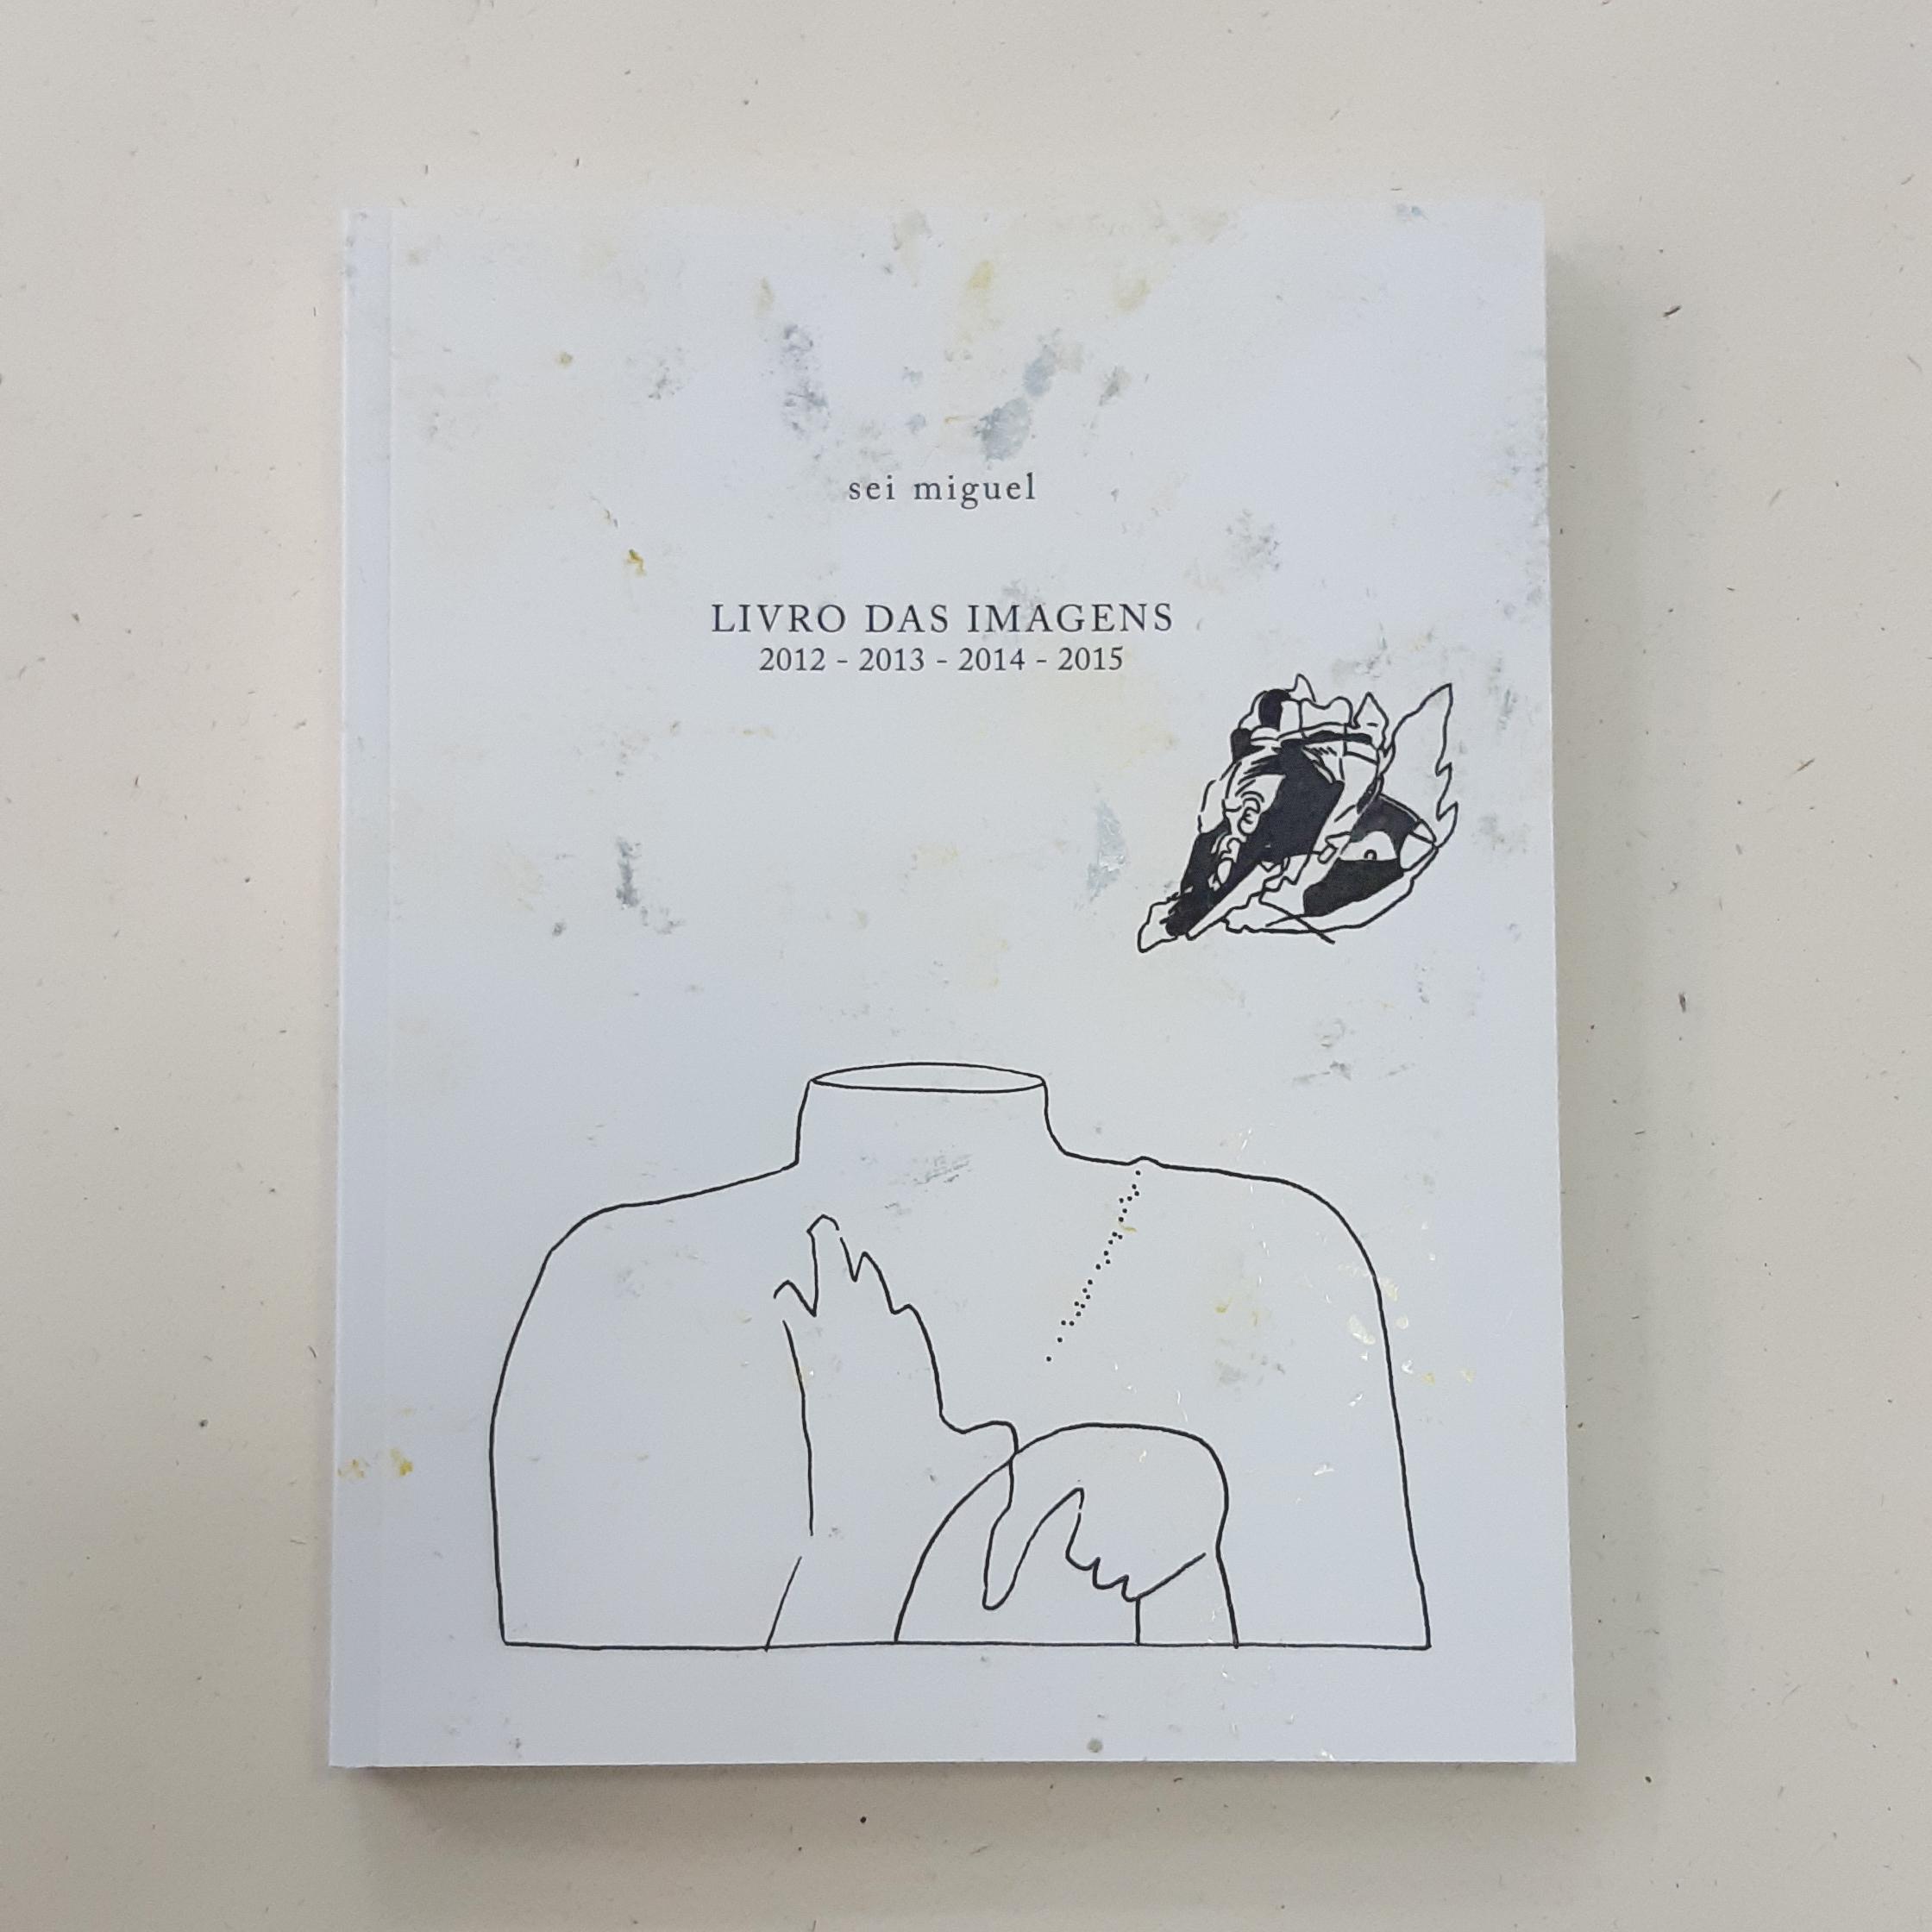 Livro das Imagens 2012 - 2013 - 2014 -2015